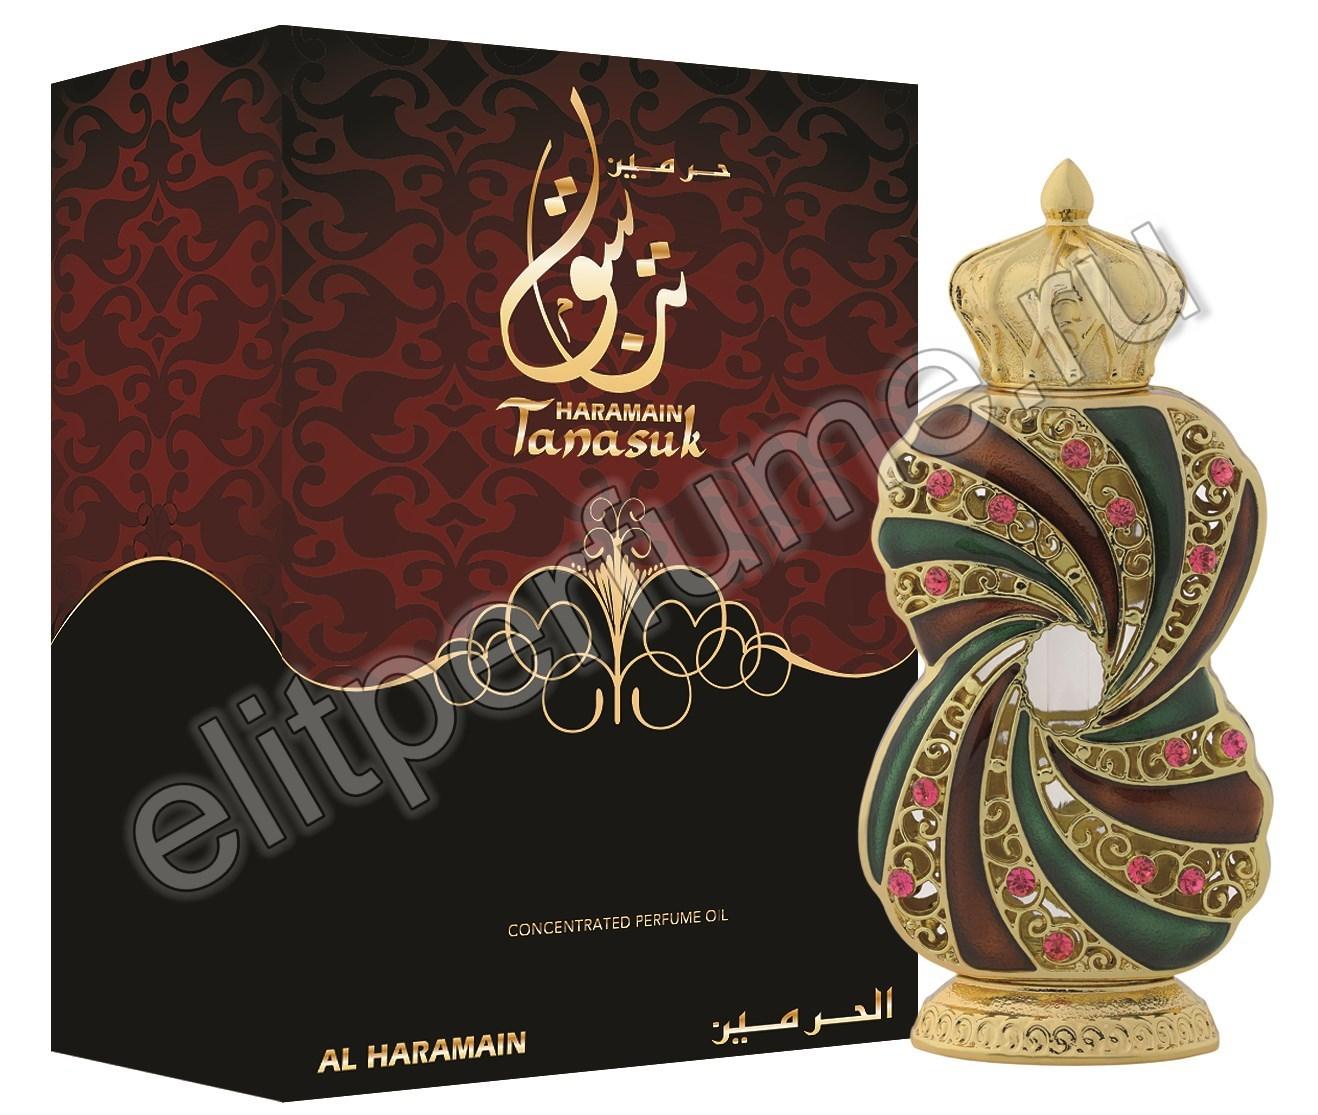 Haramain Tanasuk  Харамайн Танасук 12 мл арабские масляные духи от Аль Харамайн Al Haramain Perfumes